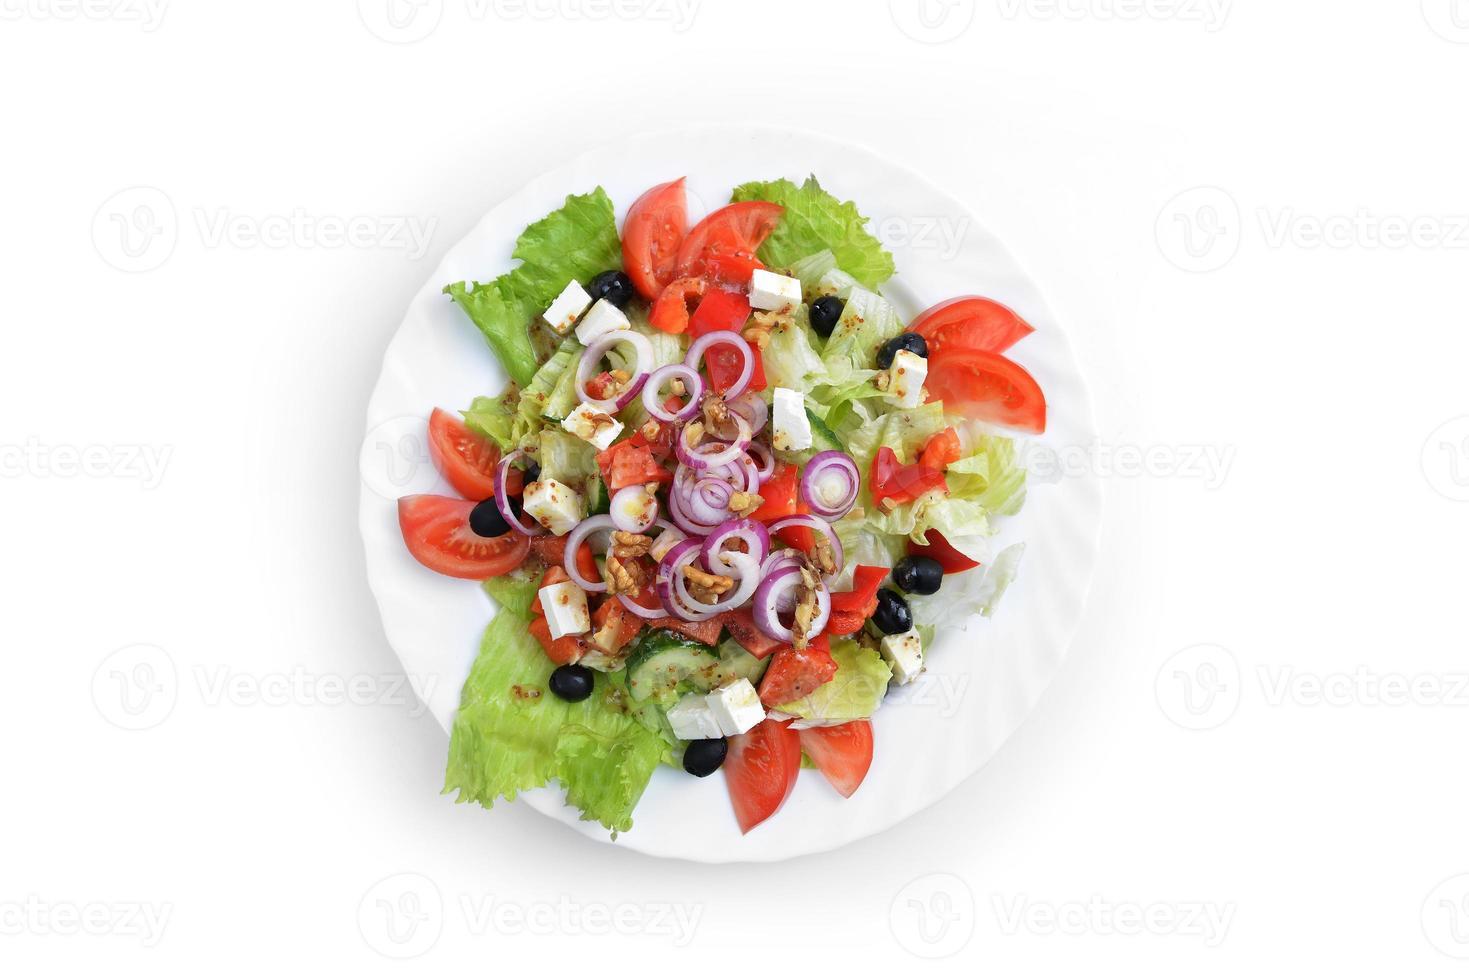 ensalada con verduras frescas foto